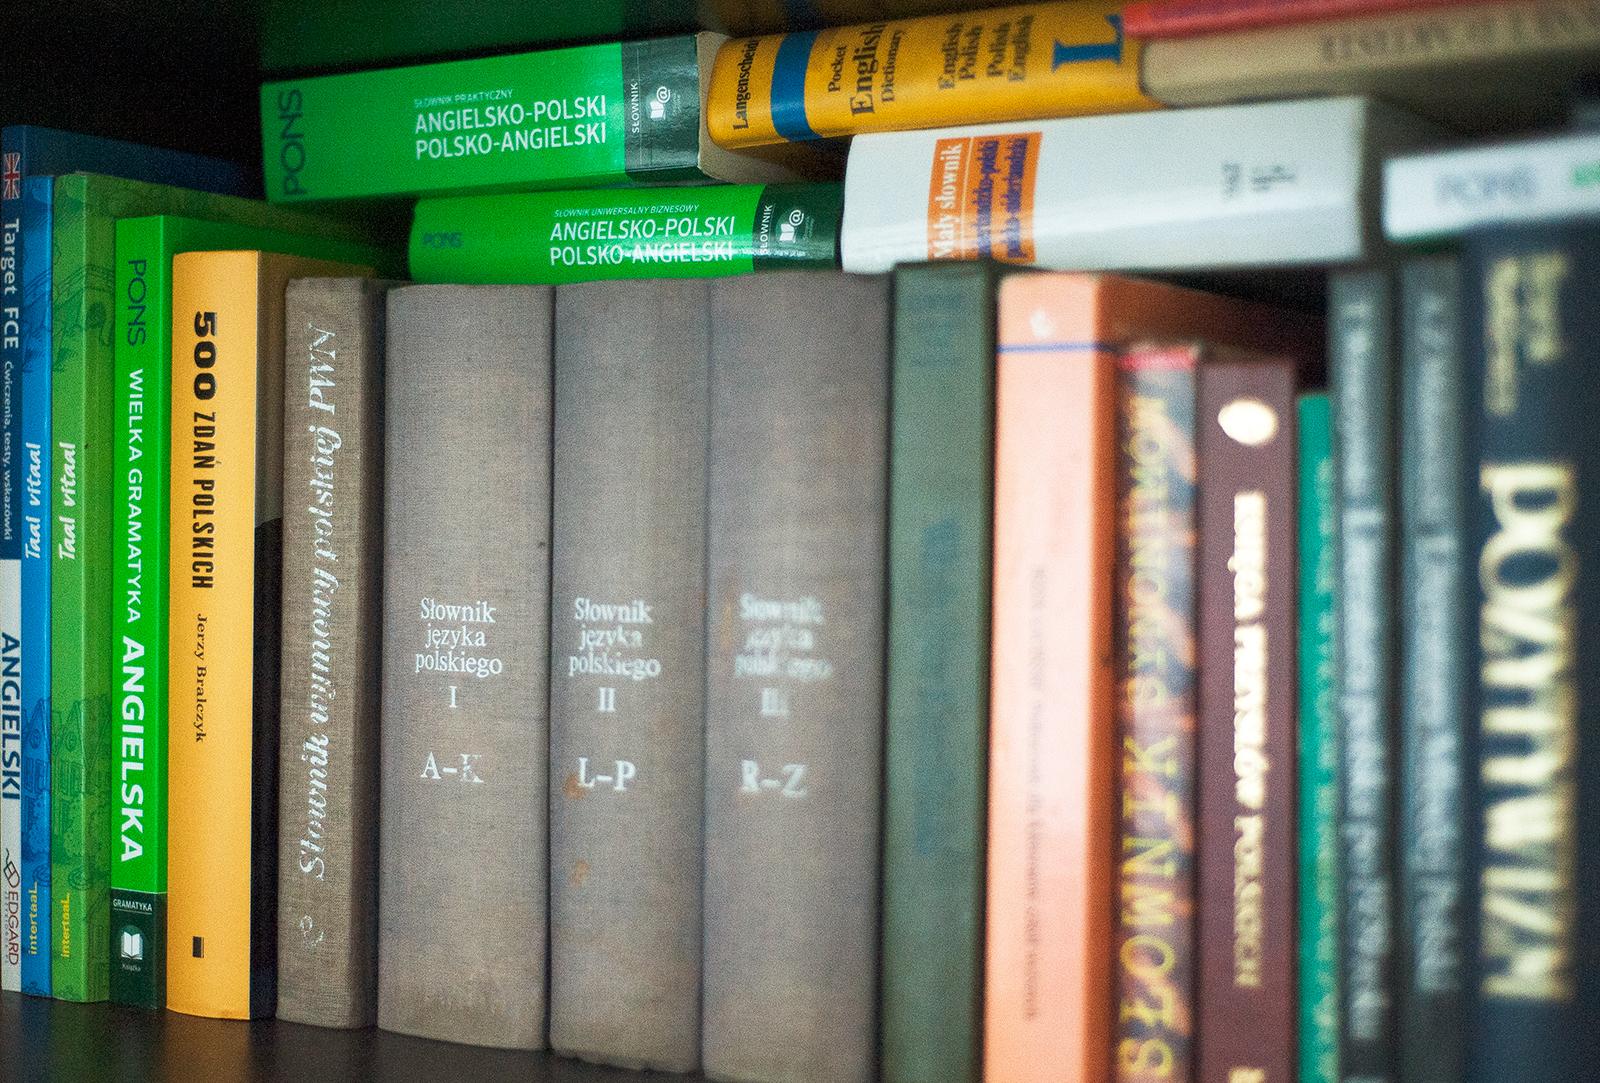 Wertowanie słowników to istotny etap procesu namingowego